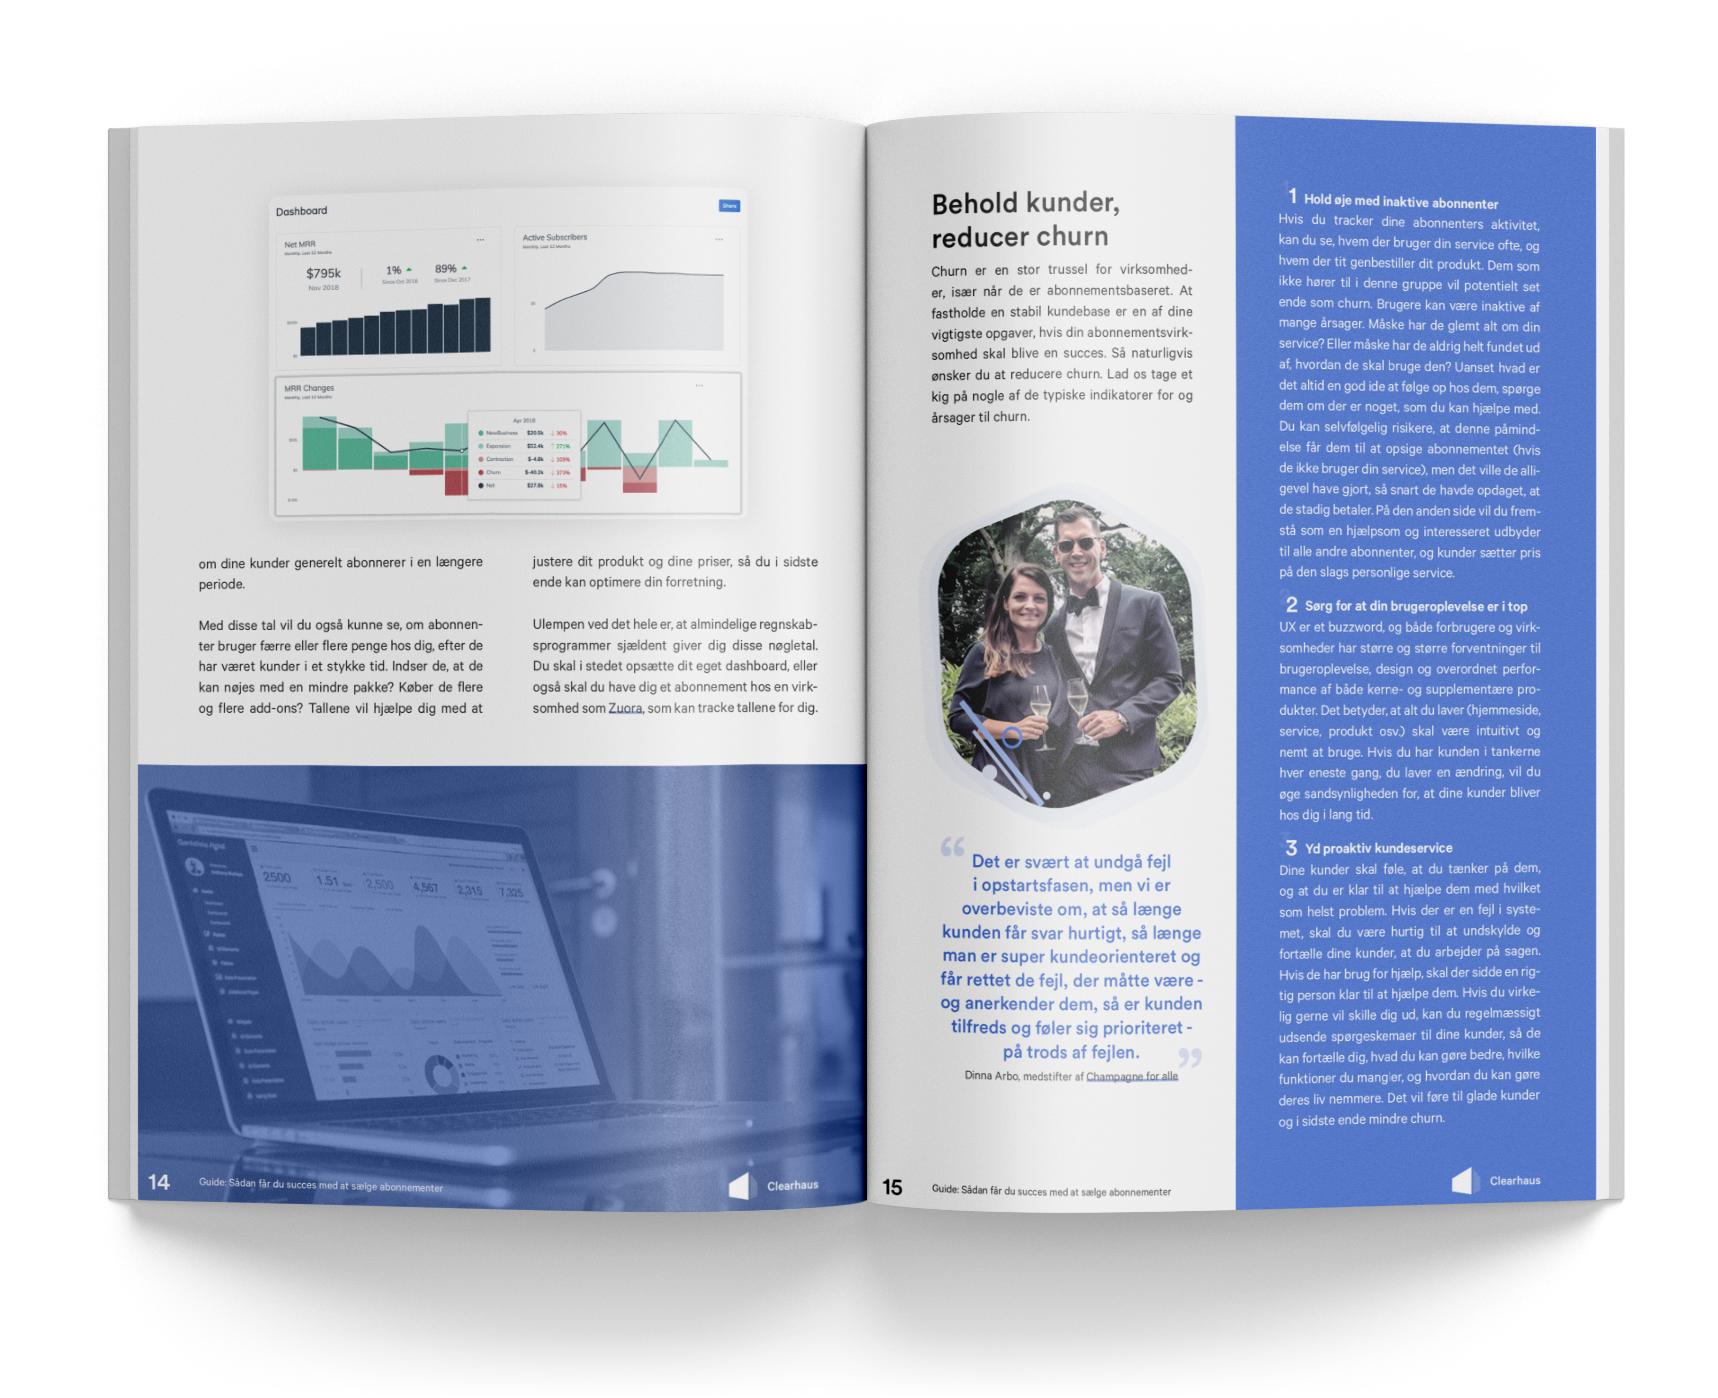 E-bog preview - pages 14 og 15